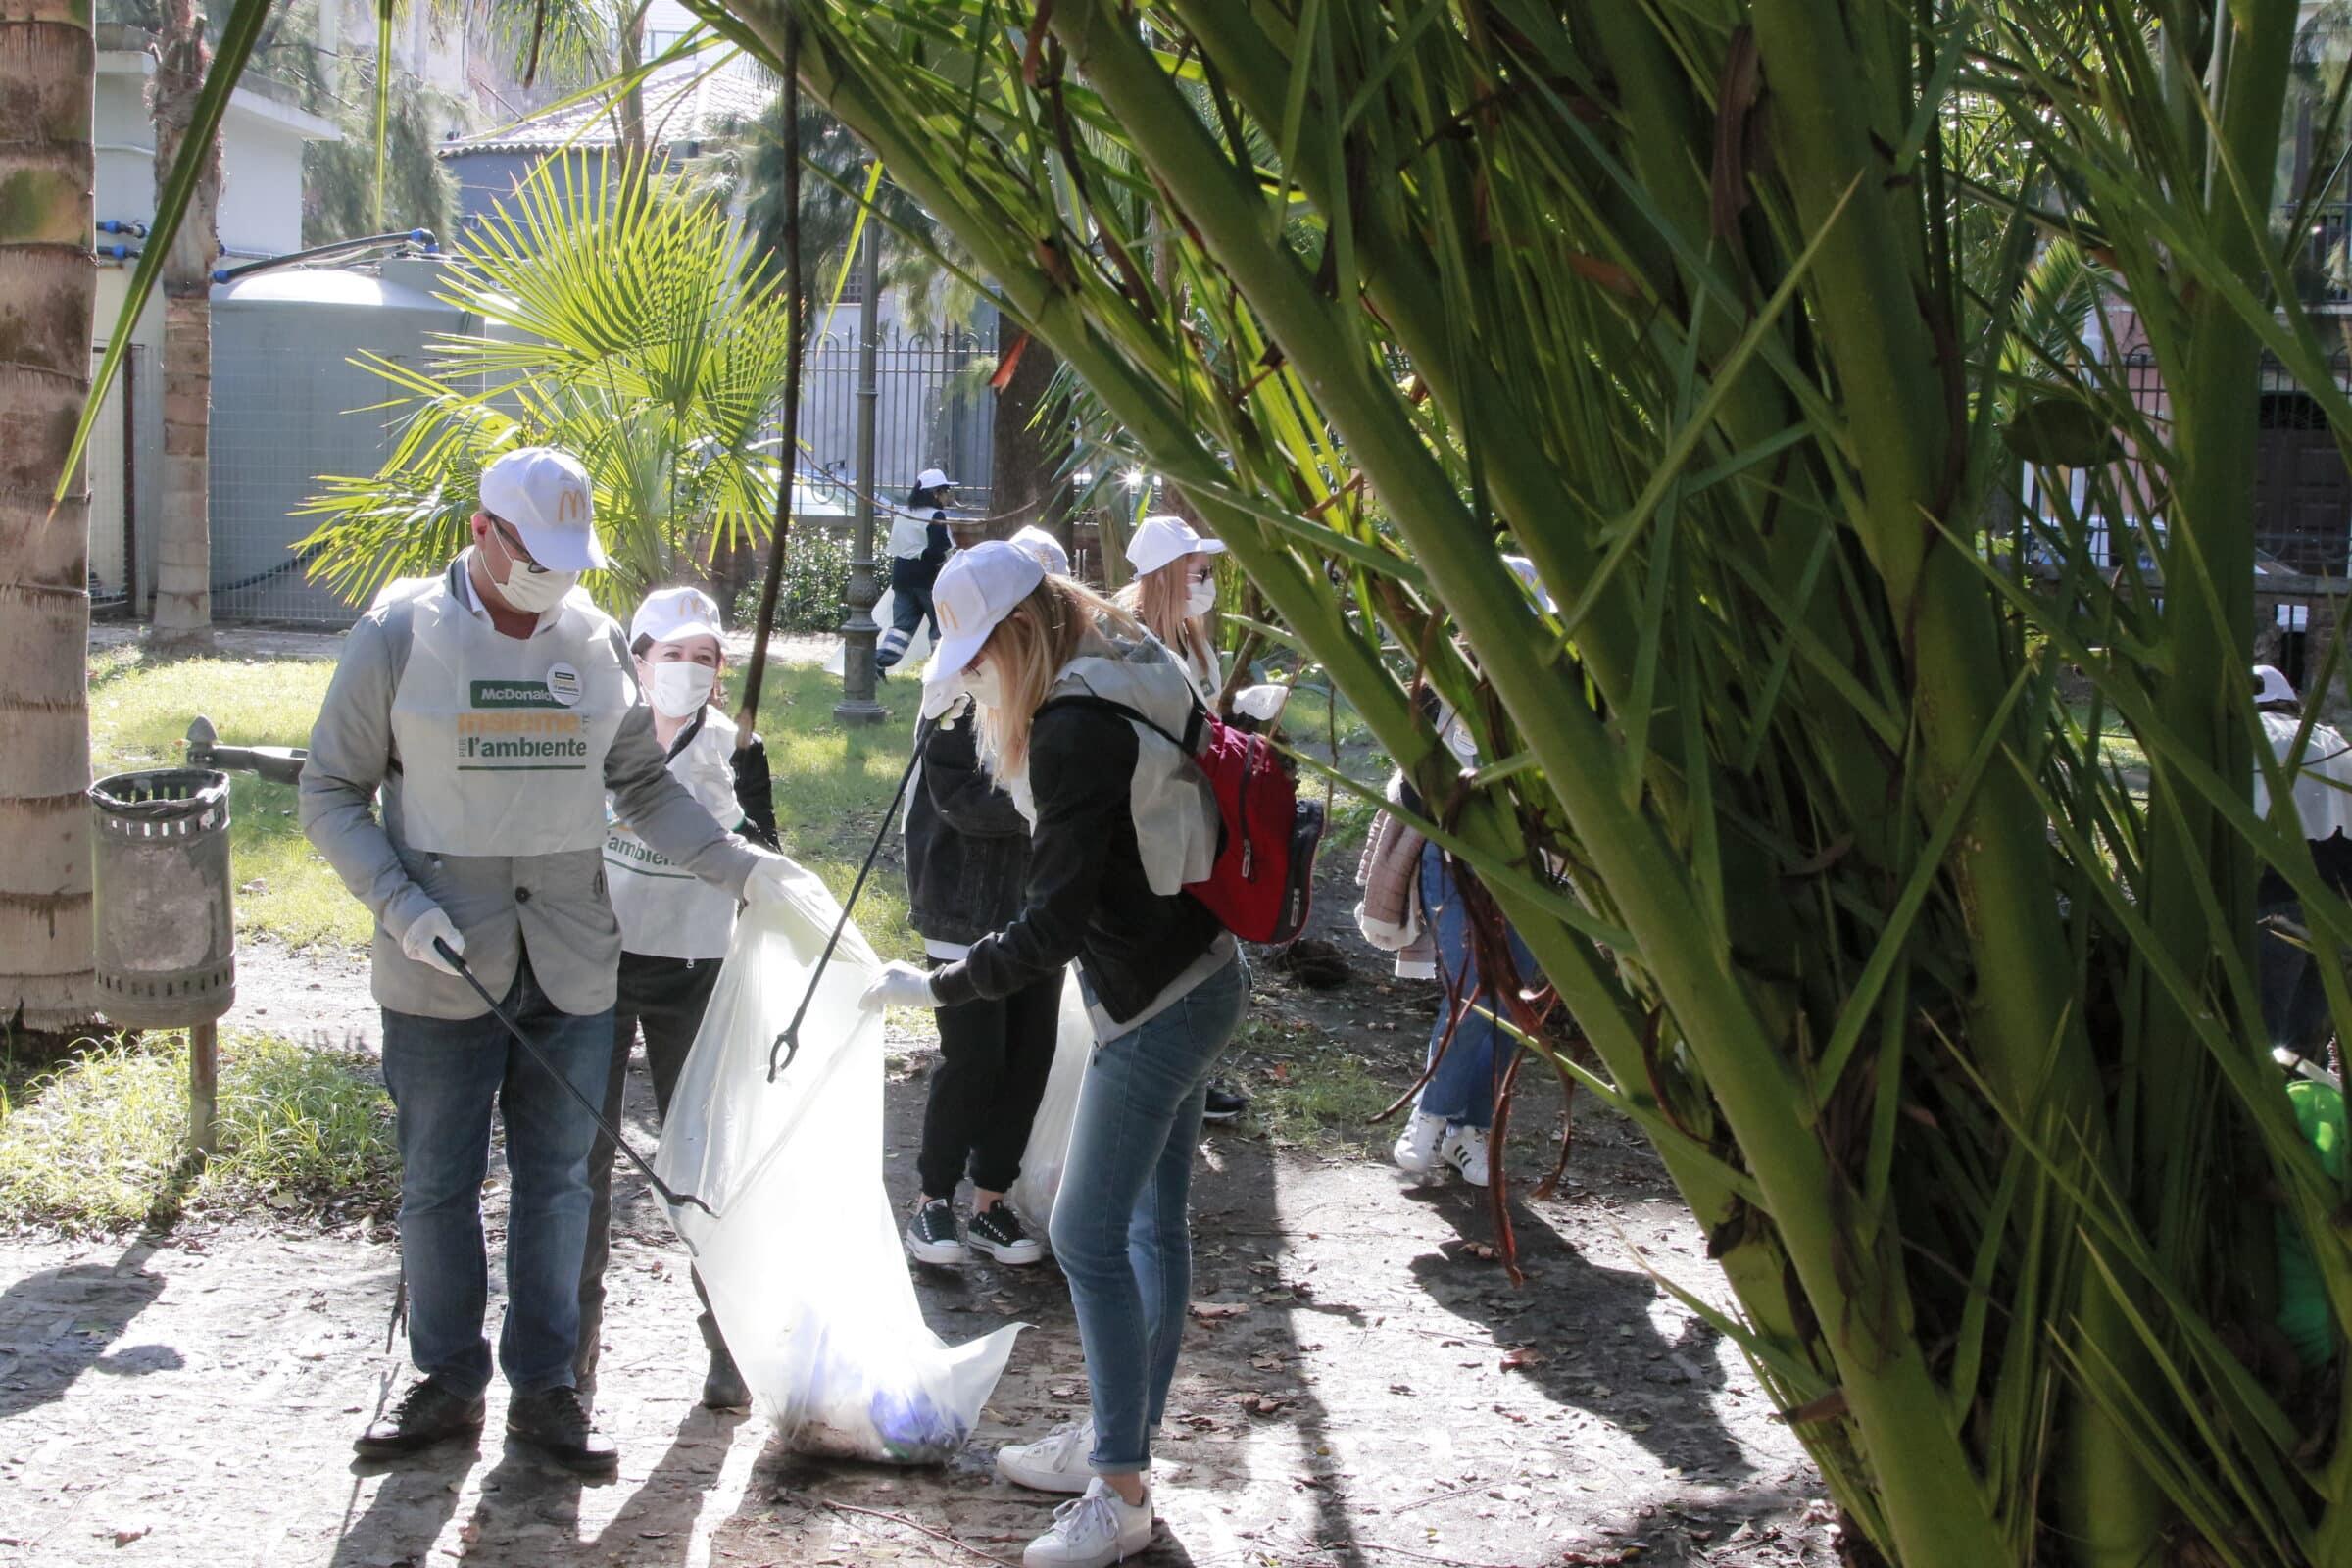 """Ambiente, McDonald's raccoglie i rifiuti e combatte il """"littering"""". L'amministrazione comunale: """"Segnale di attenzione"""""""